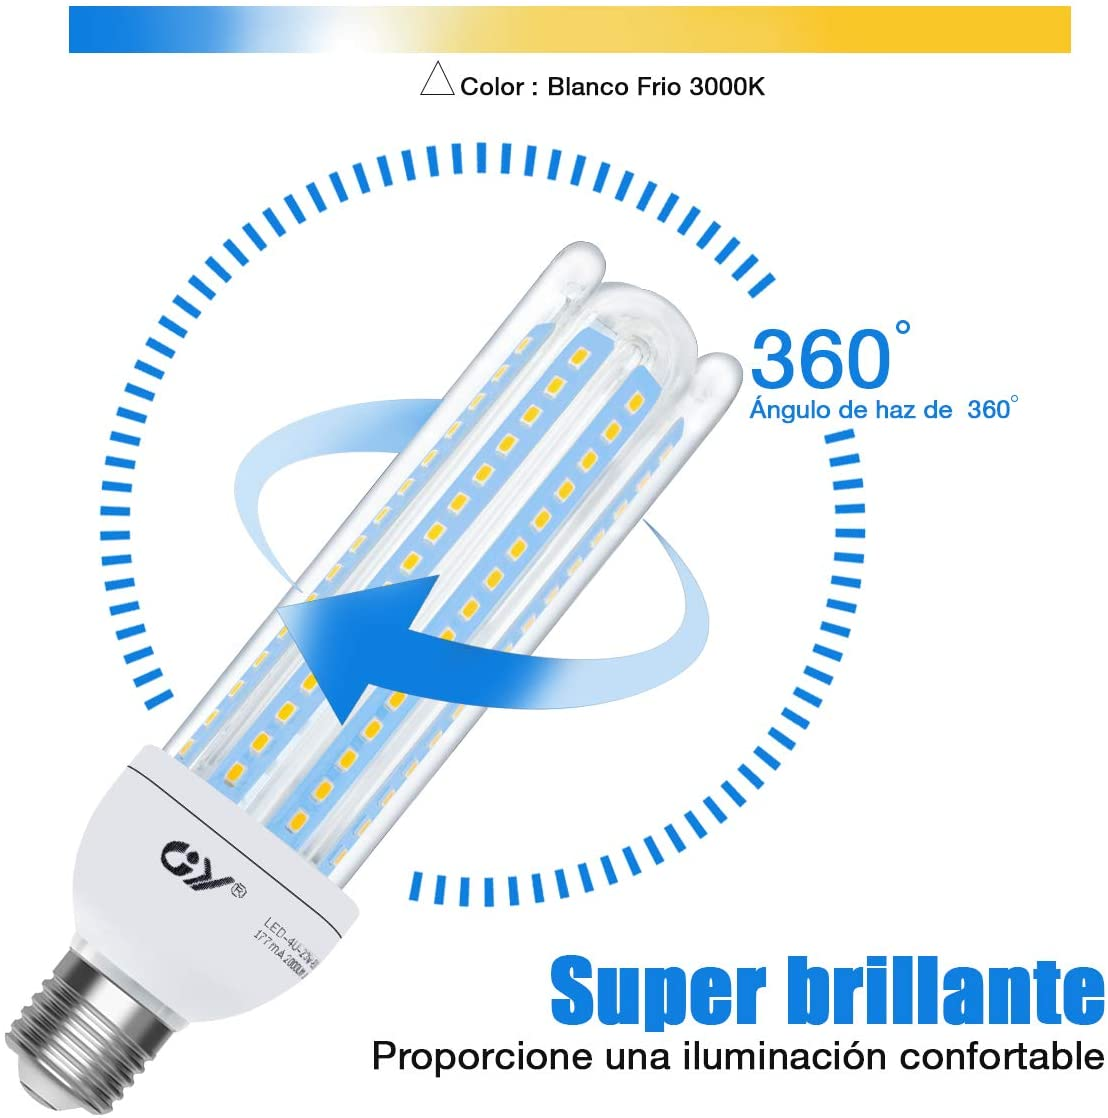 JY LED Bulb 220V E27 Corn light Bulbs 23W Energy saving LED lamp for bulb for Home Chandelier lighting LED corn light